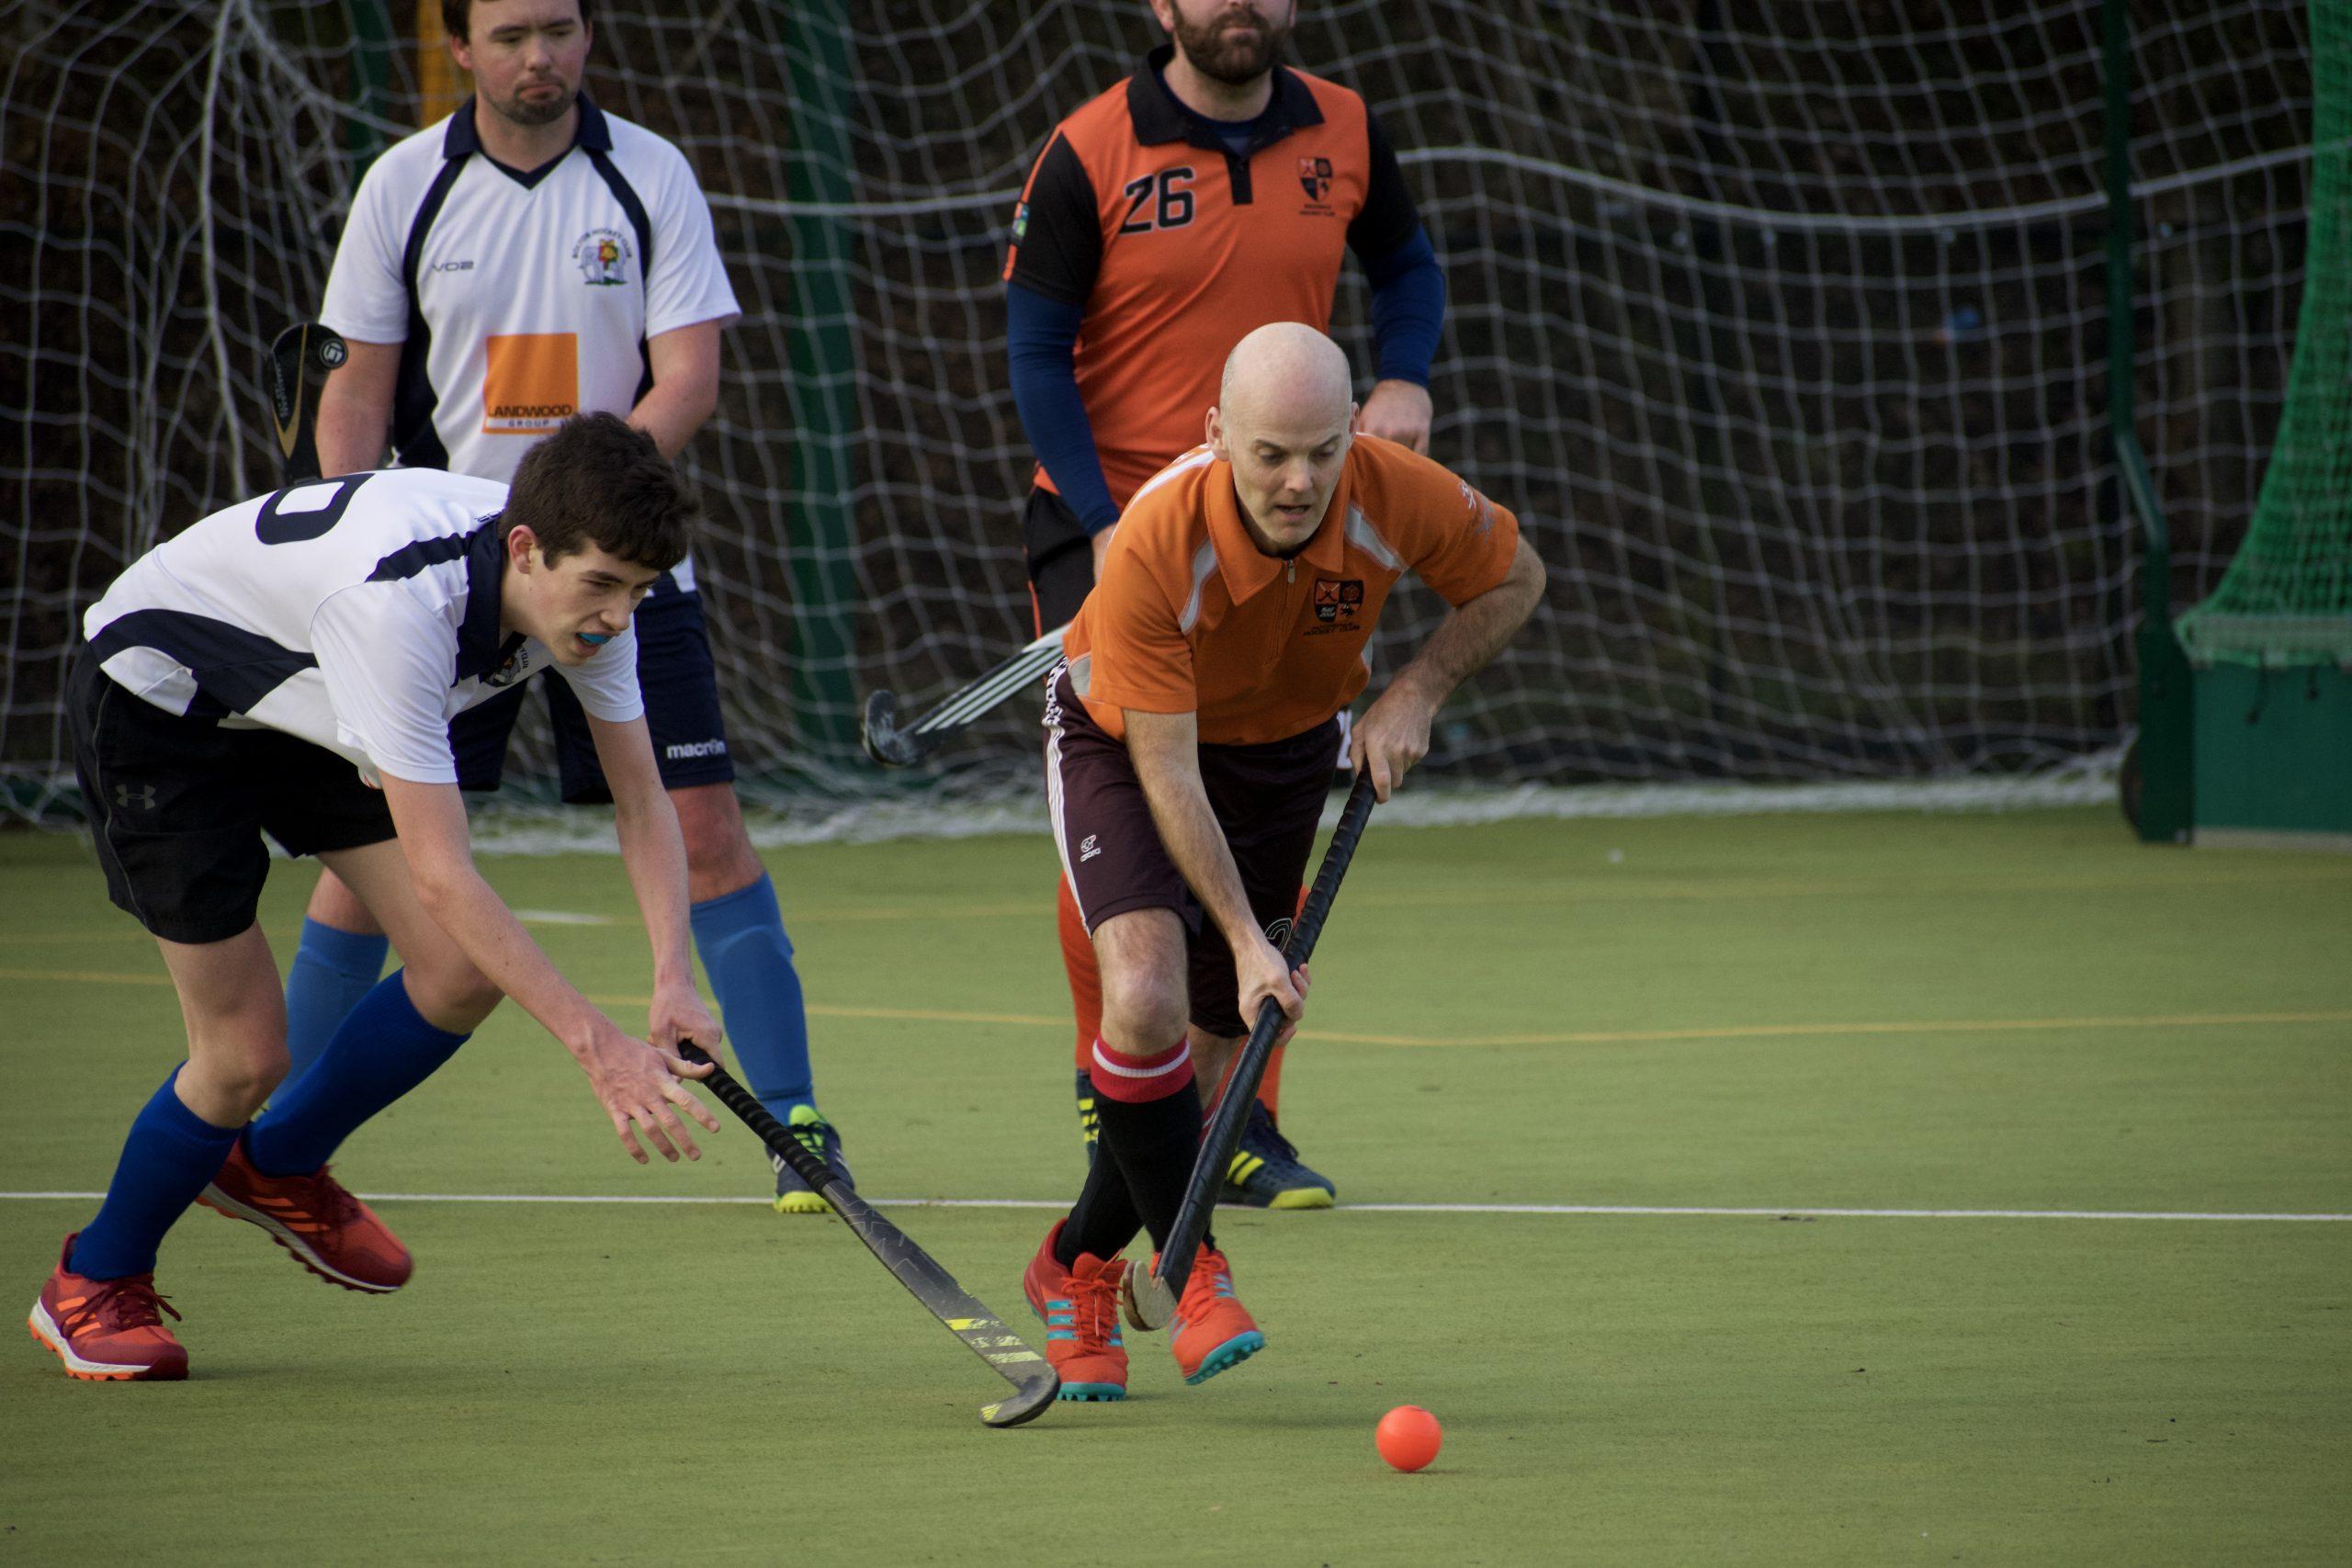 Horwich Mens 1s 2 – 1 Rochdale Mens 2s